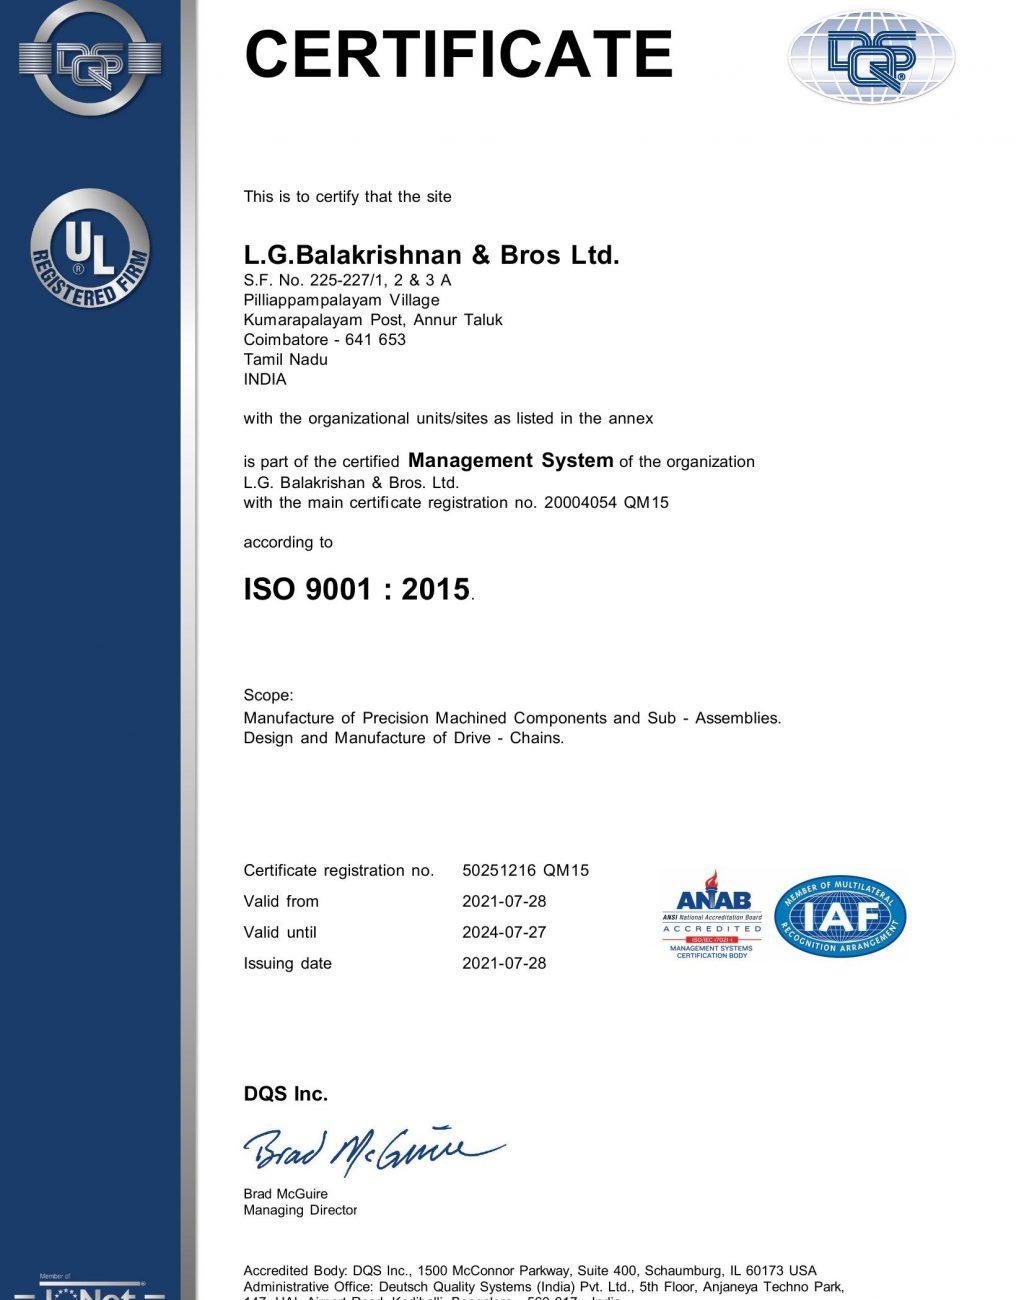 P.Palayam ISO 9001 2015